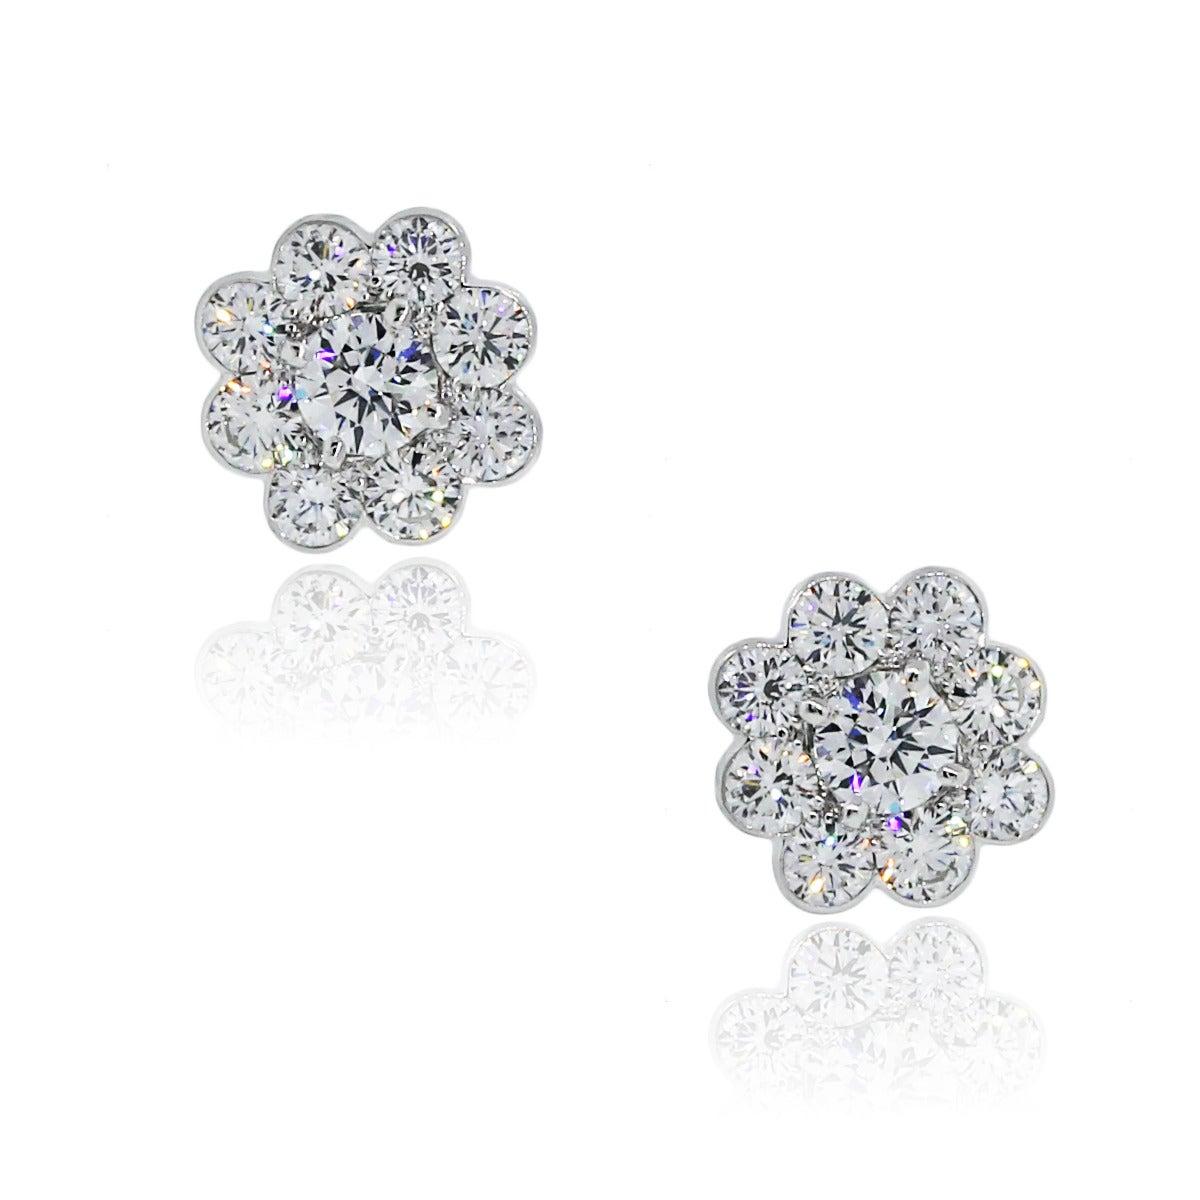 Graff Diamond White Gold Cluster Earrings At 1stdibs